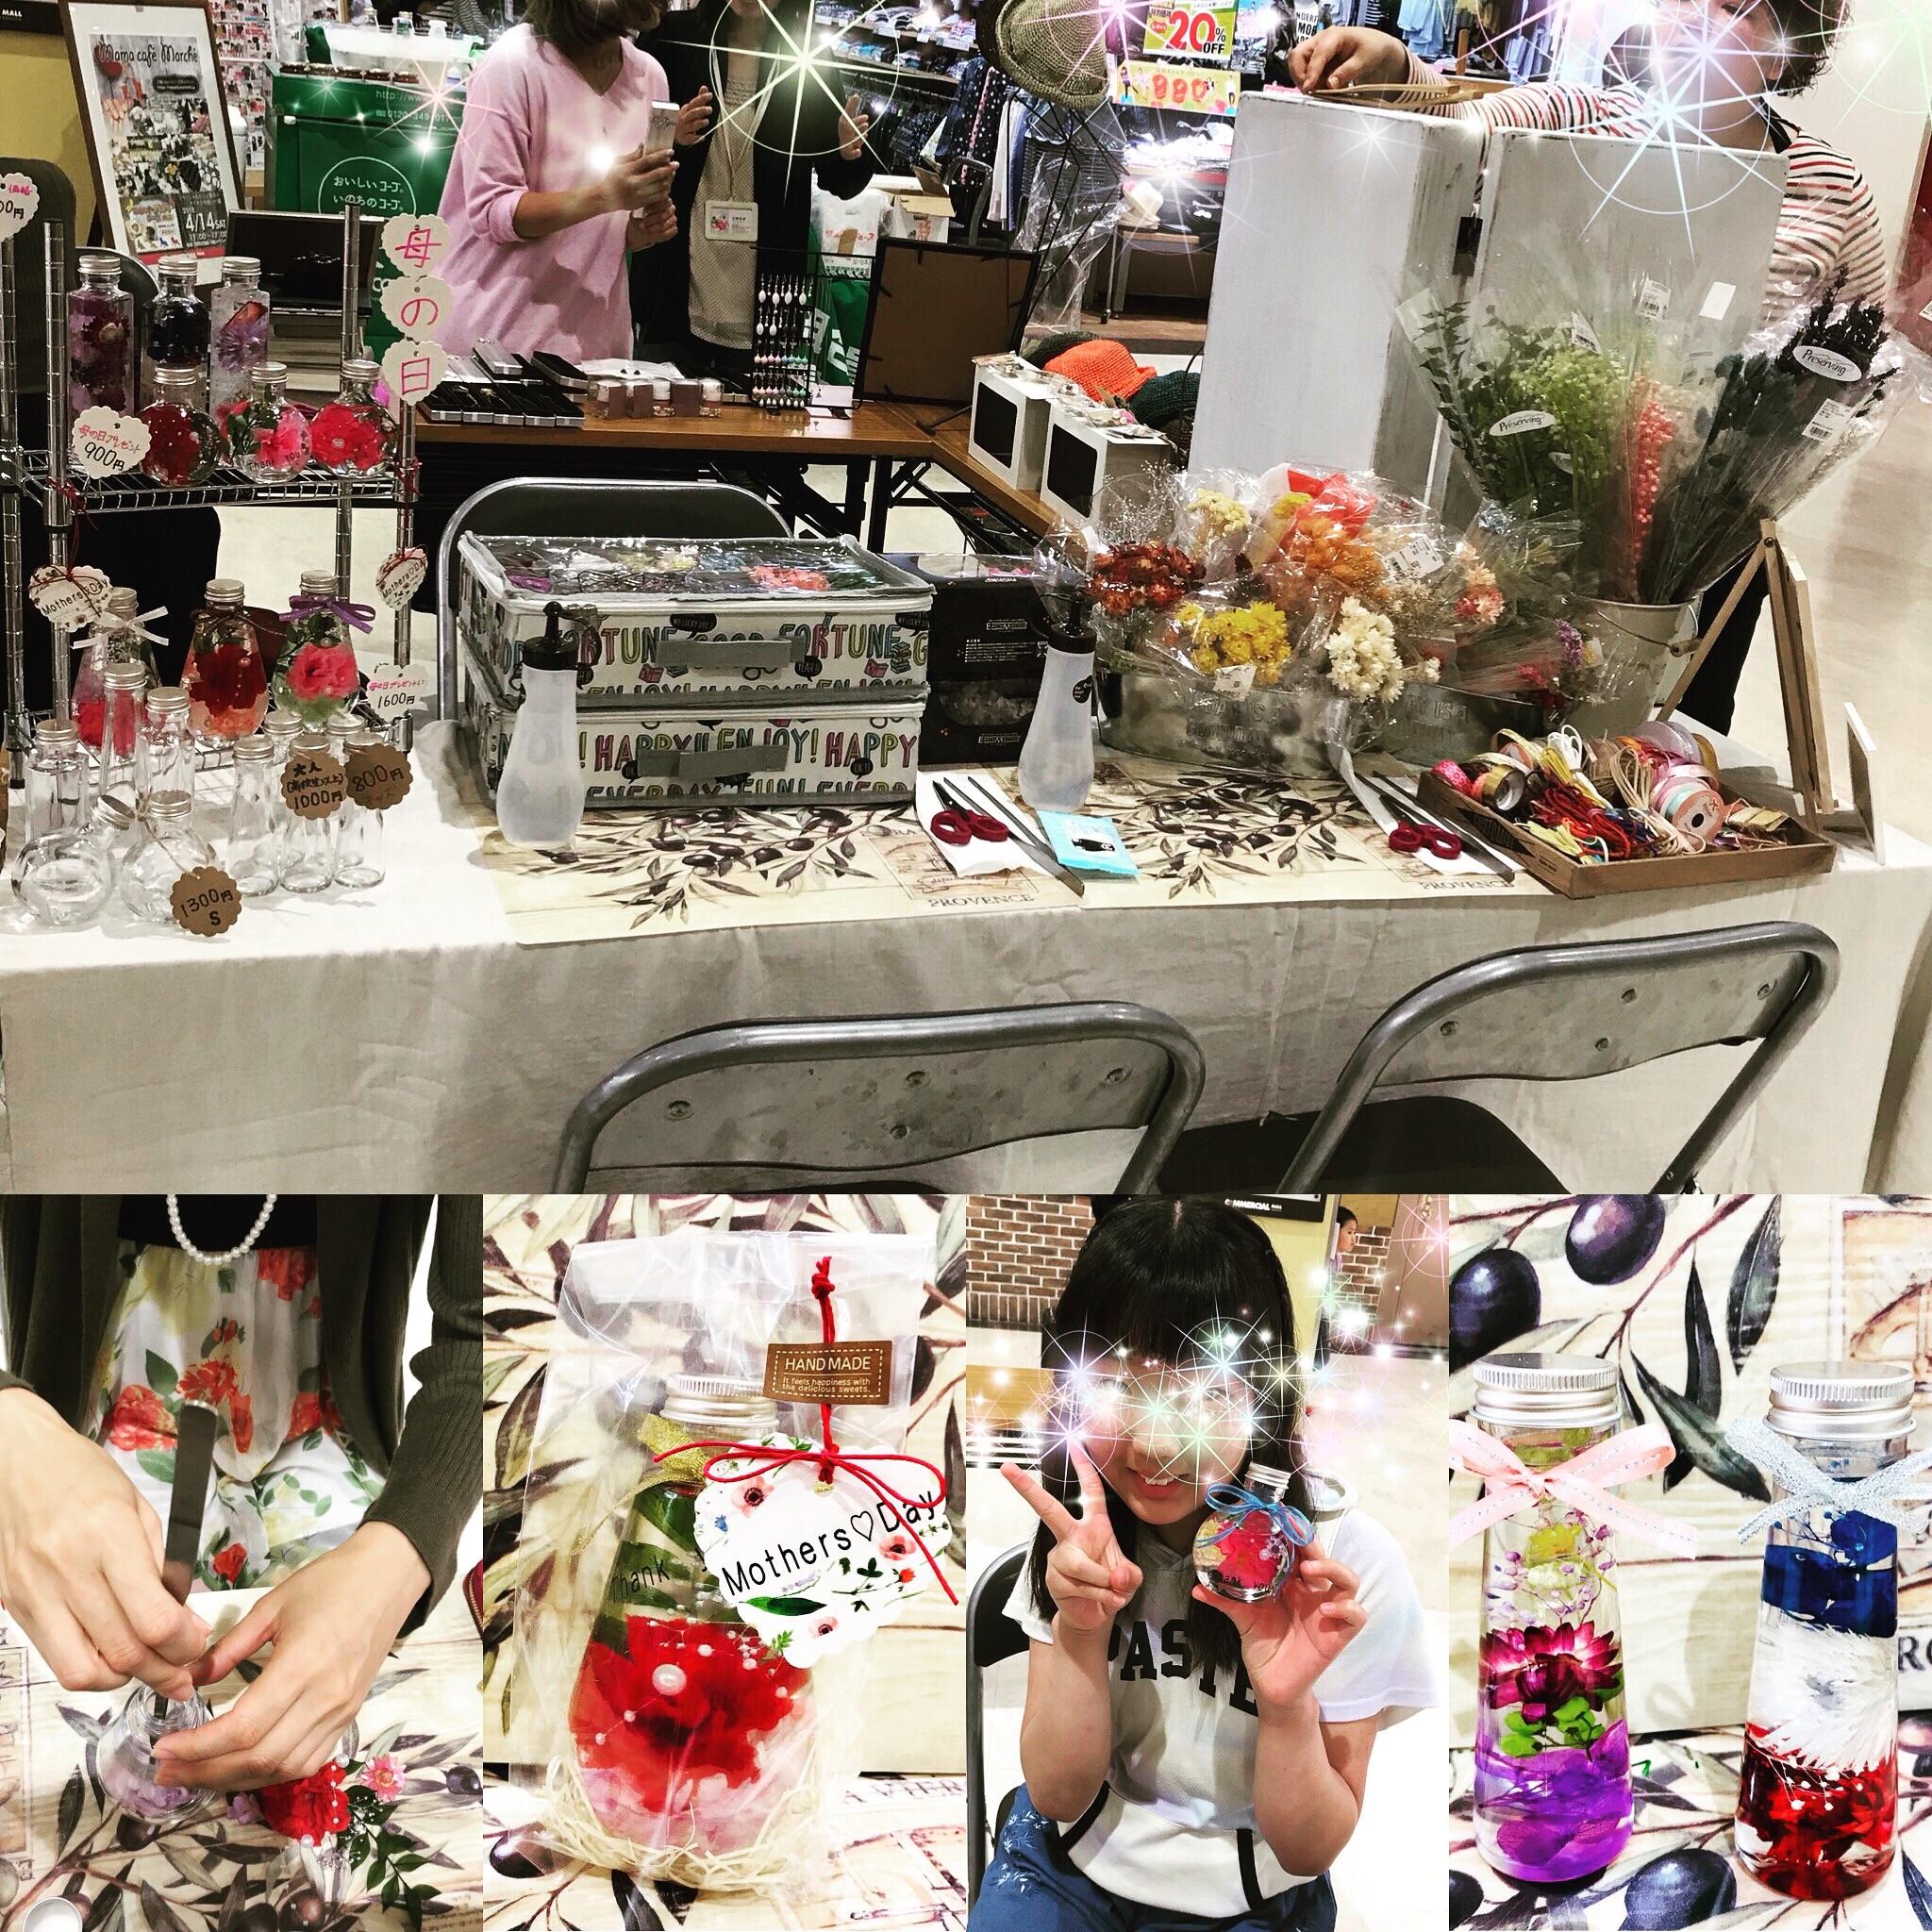 f:id:hana_su-hi:20180414220710j:image